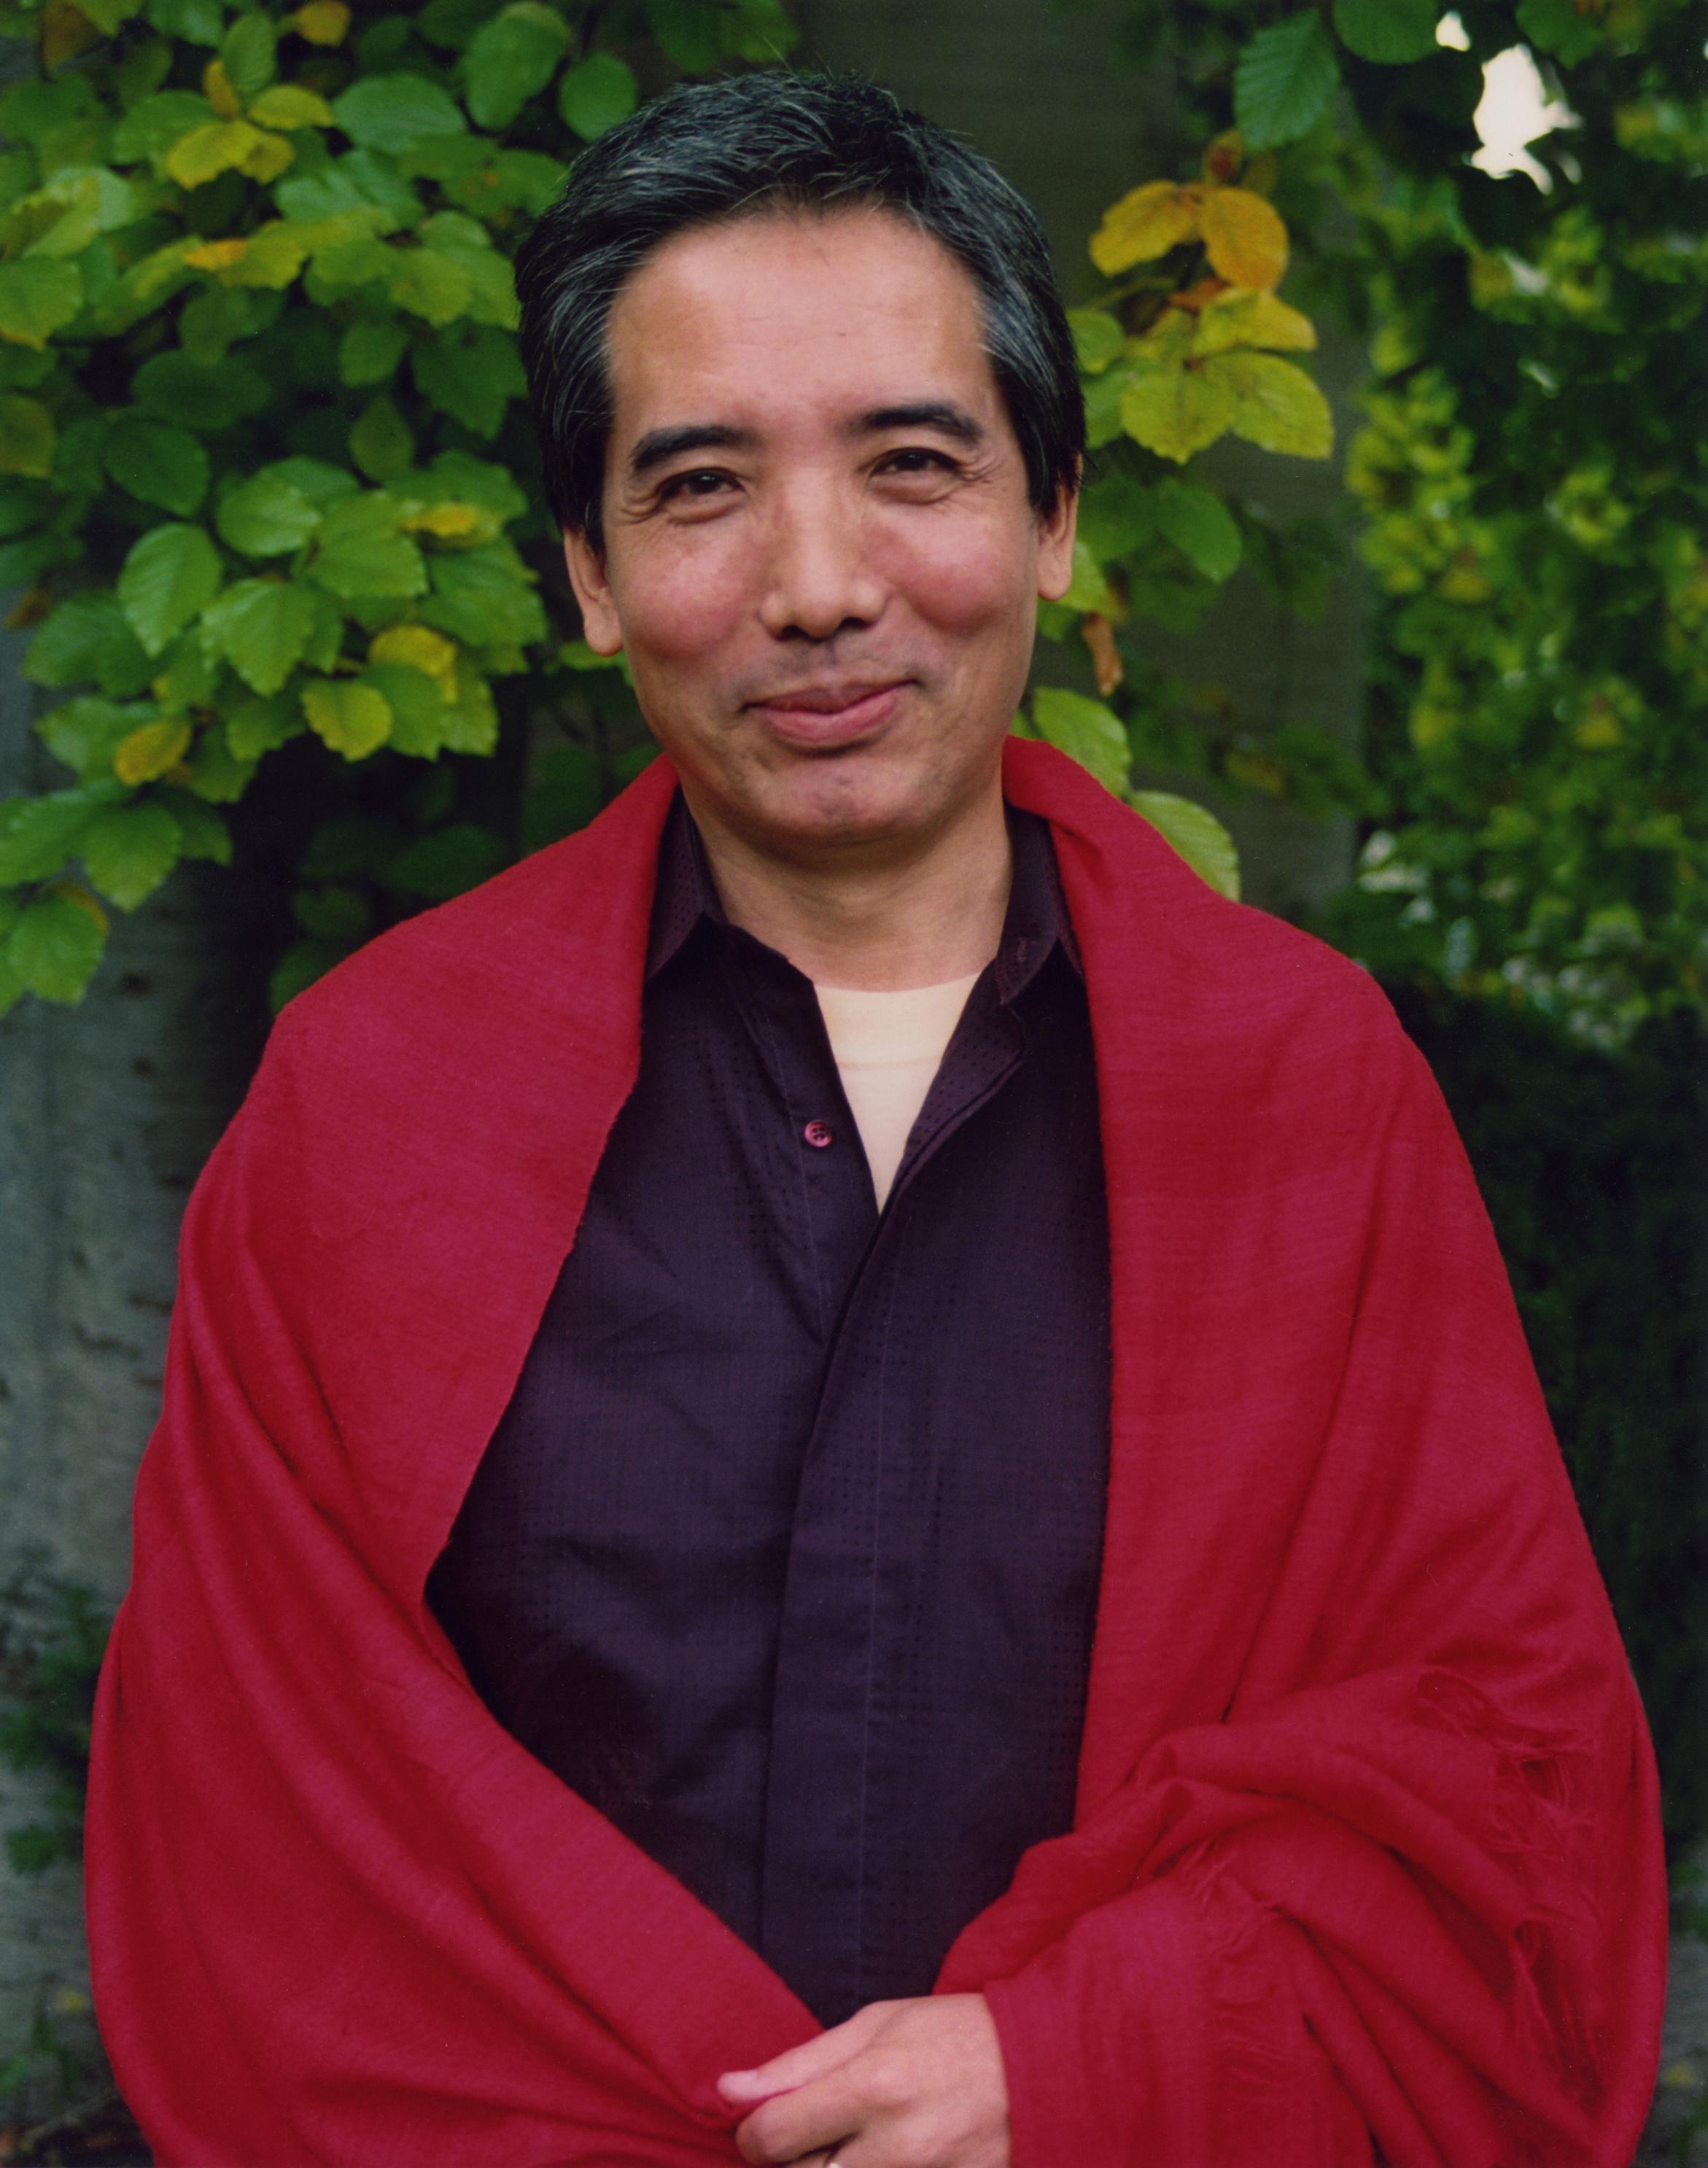 Traleg Rinpoche